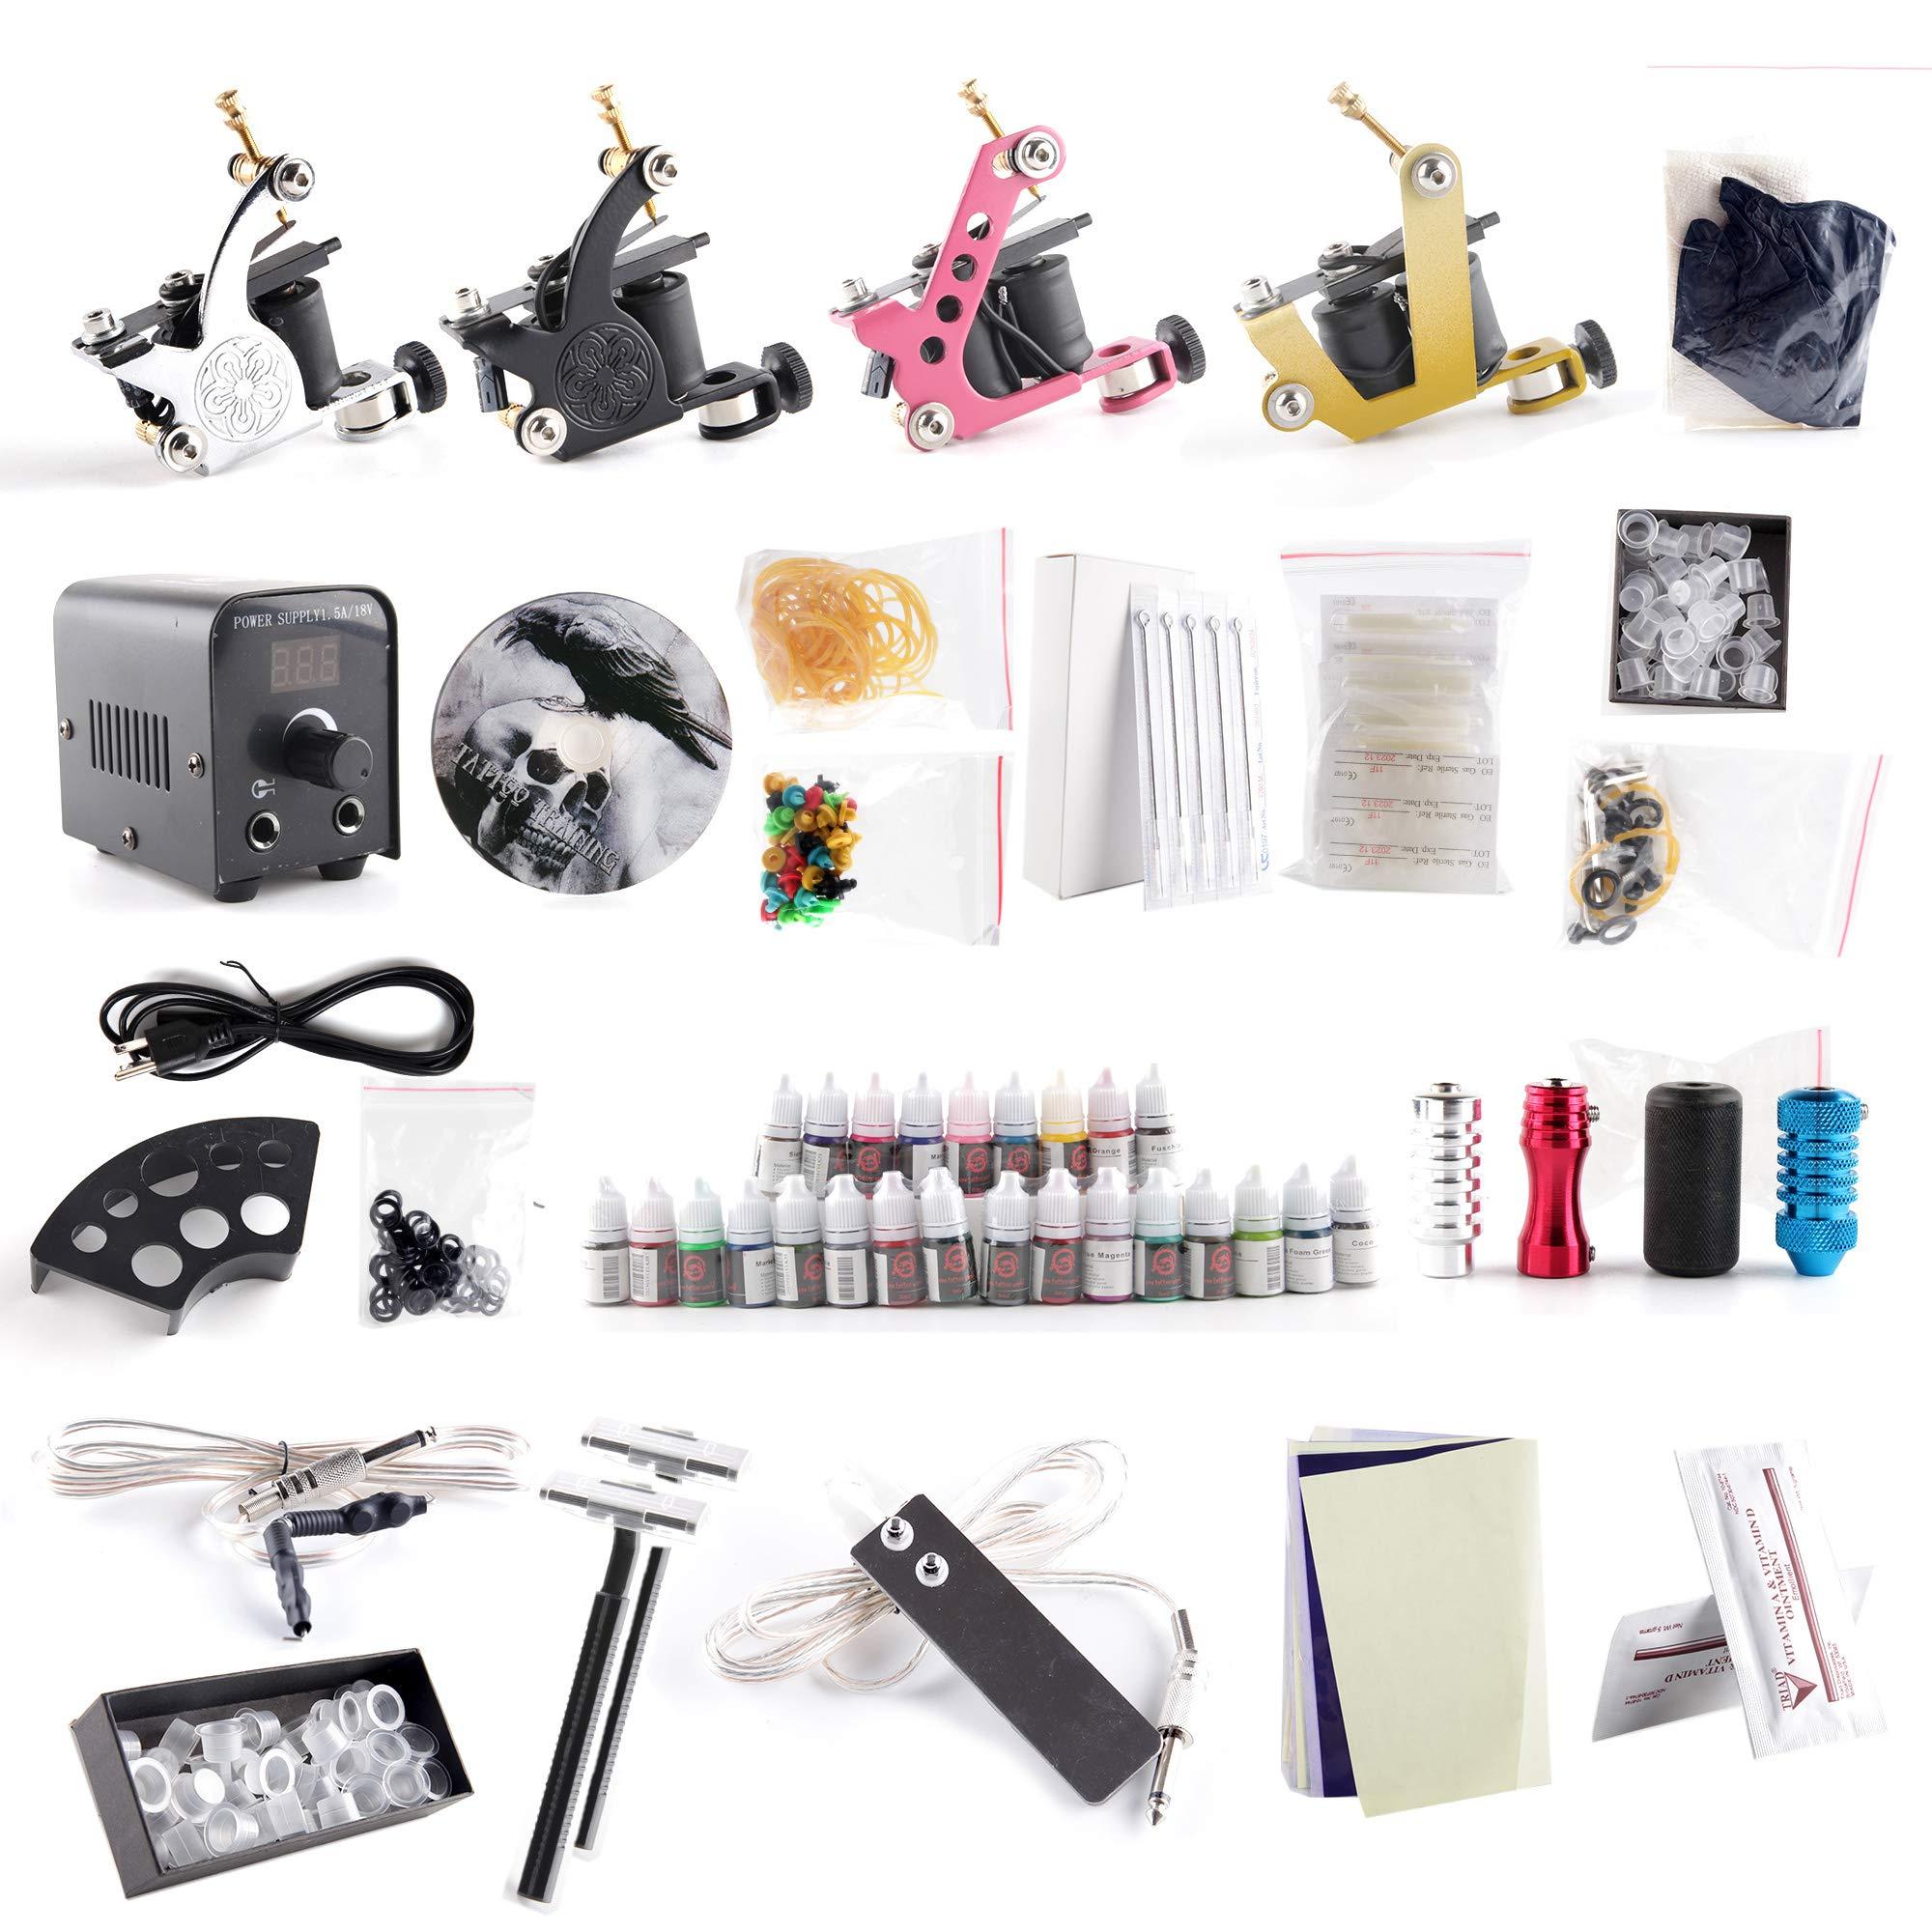 1TattooWorld Complete Tattoo Starter Kit, 4 Tattoo Machines, Digital Power Supply, 25 Color 5ml Tattoo Inks, Grips, Needles, Transfer Paper etc, OTW-KTB425A